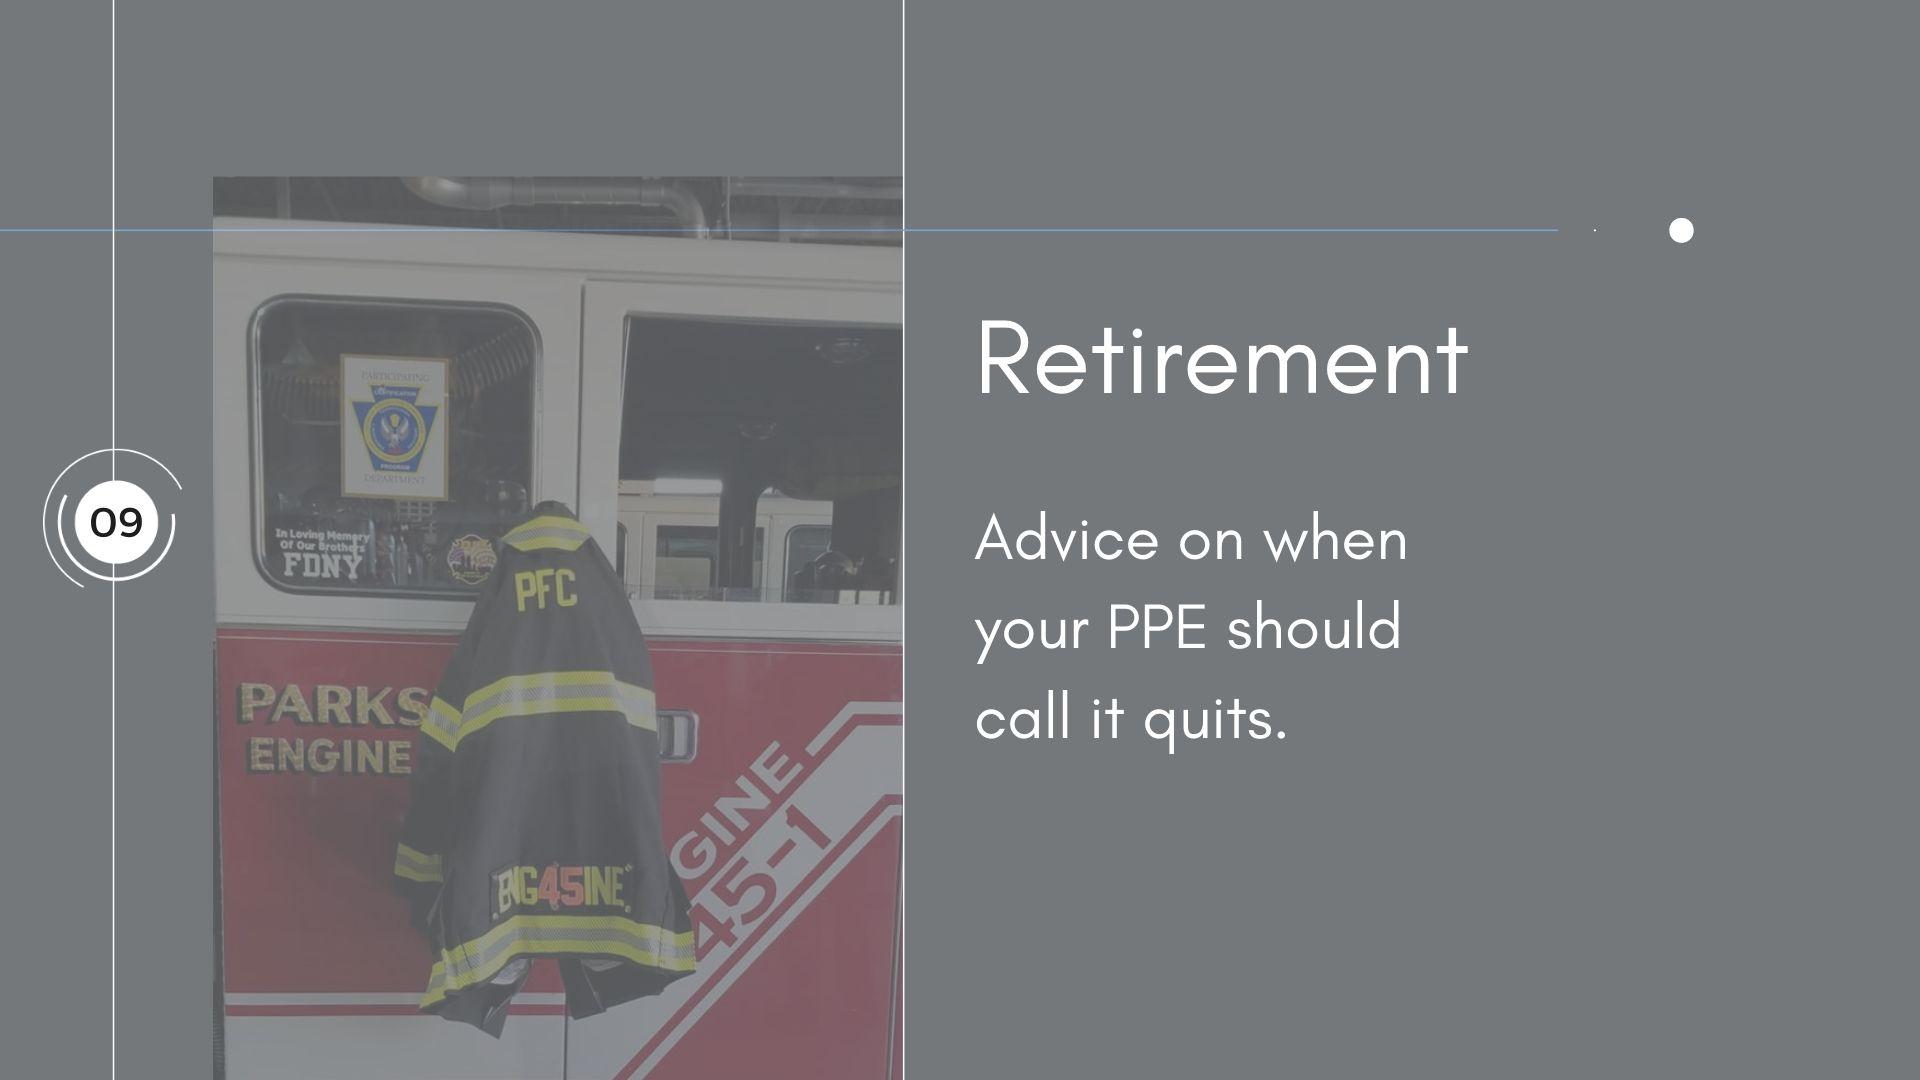 NFPA 1851 - Retirement